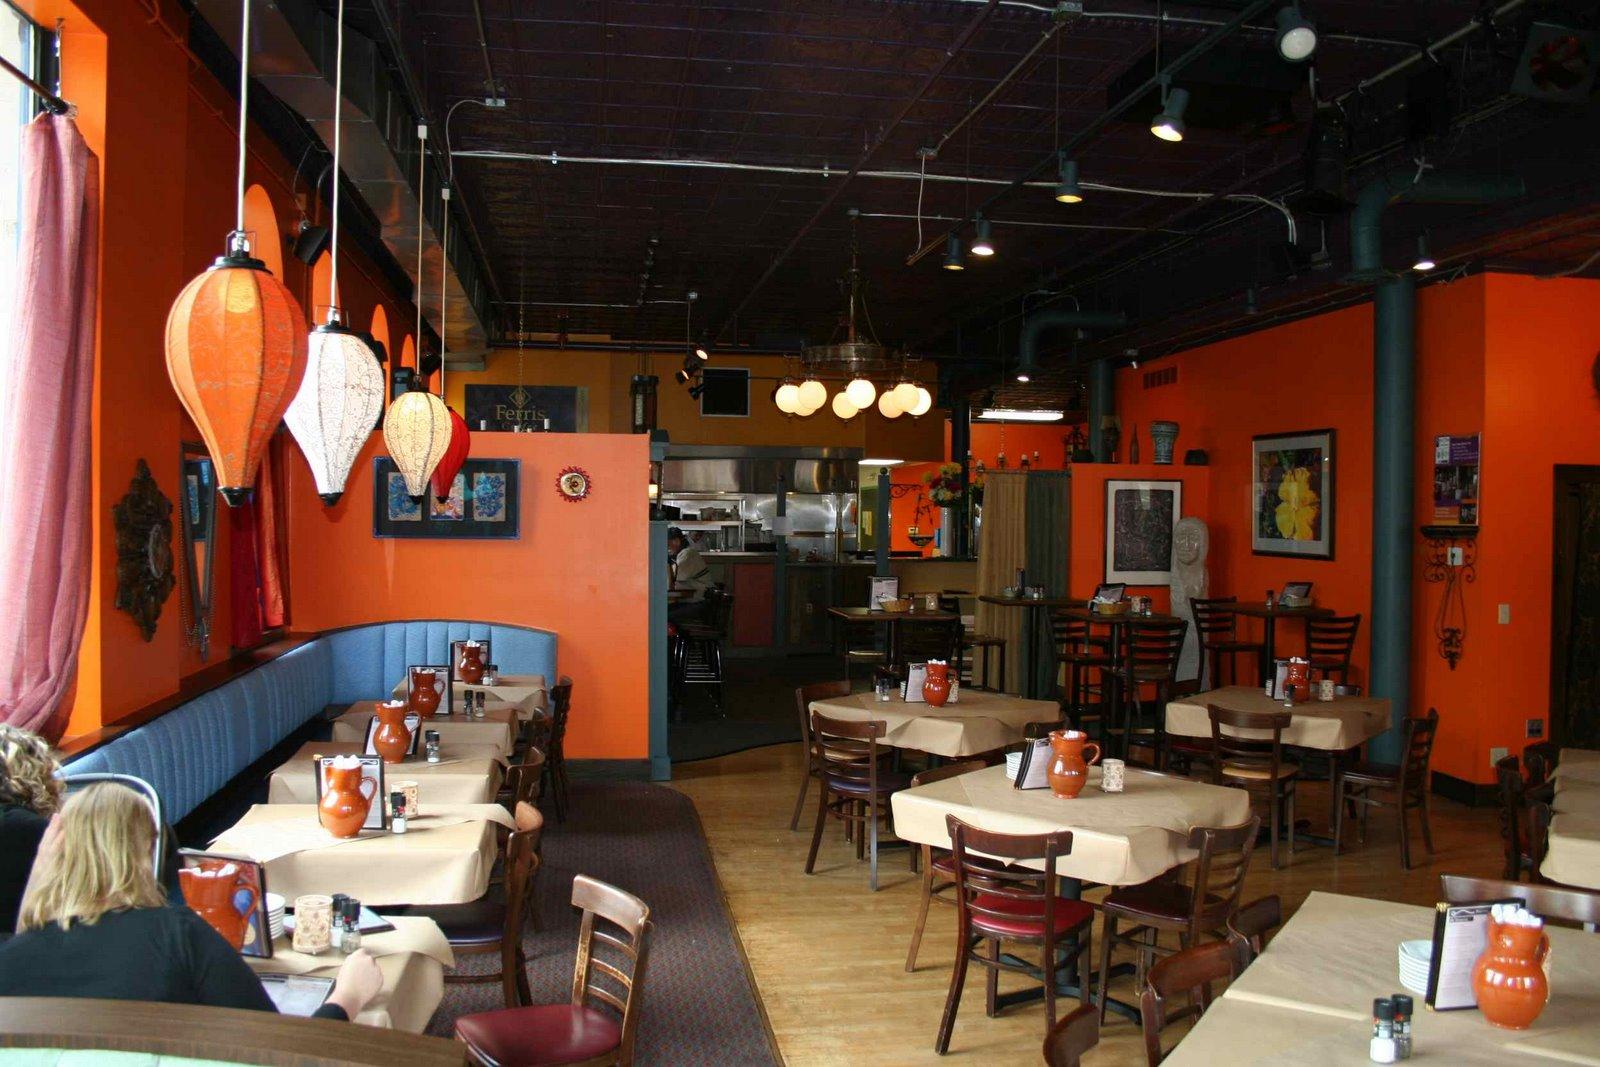 Grand Cafe Columbus Ohio